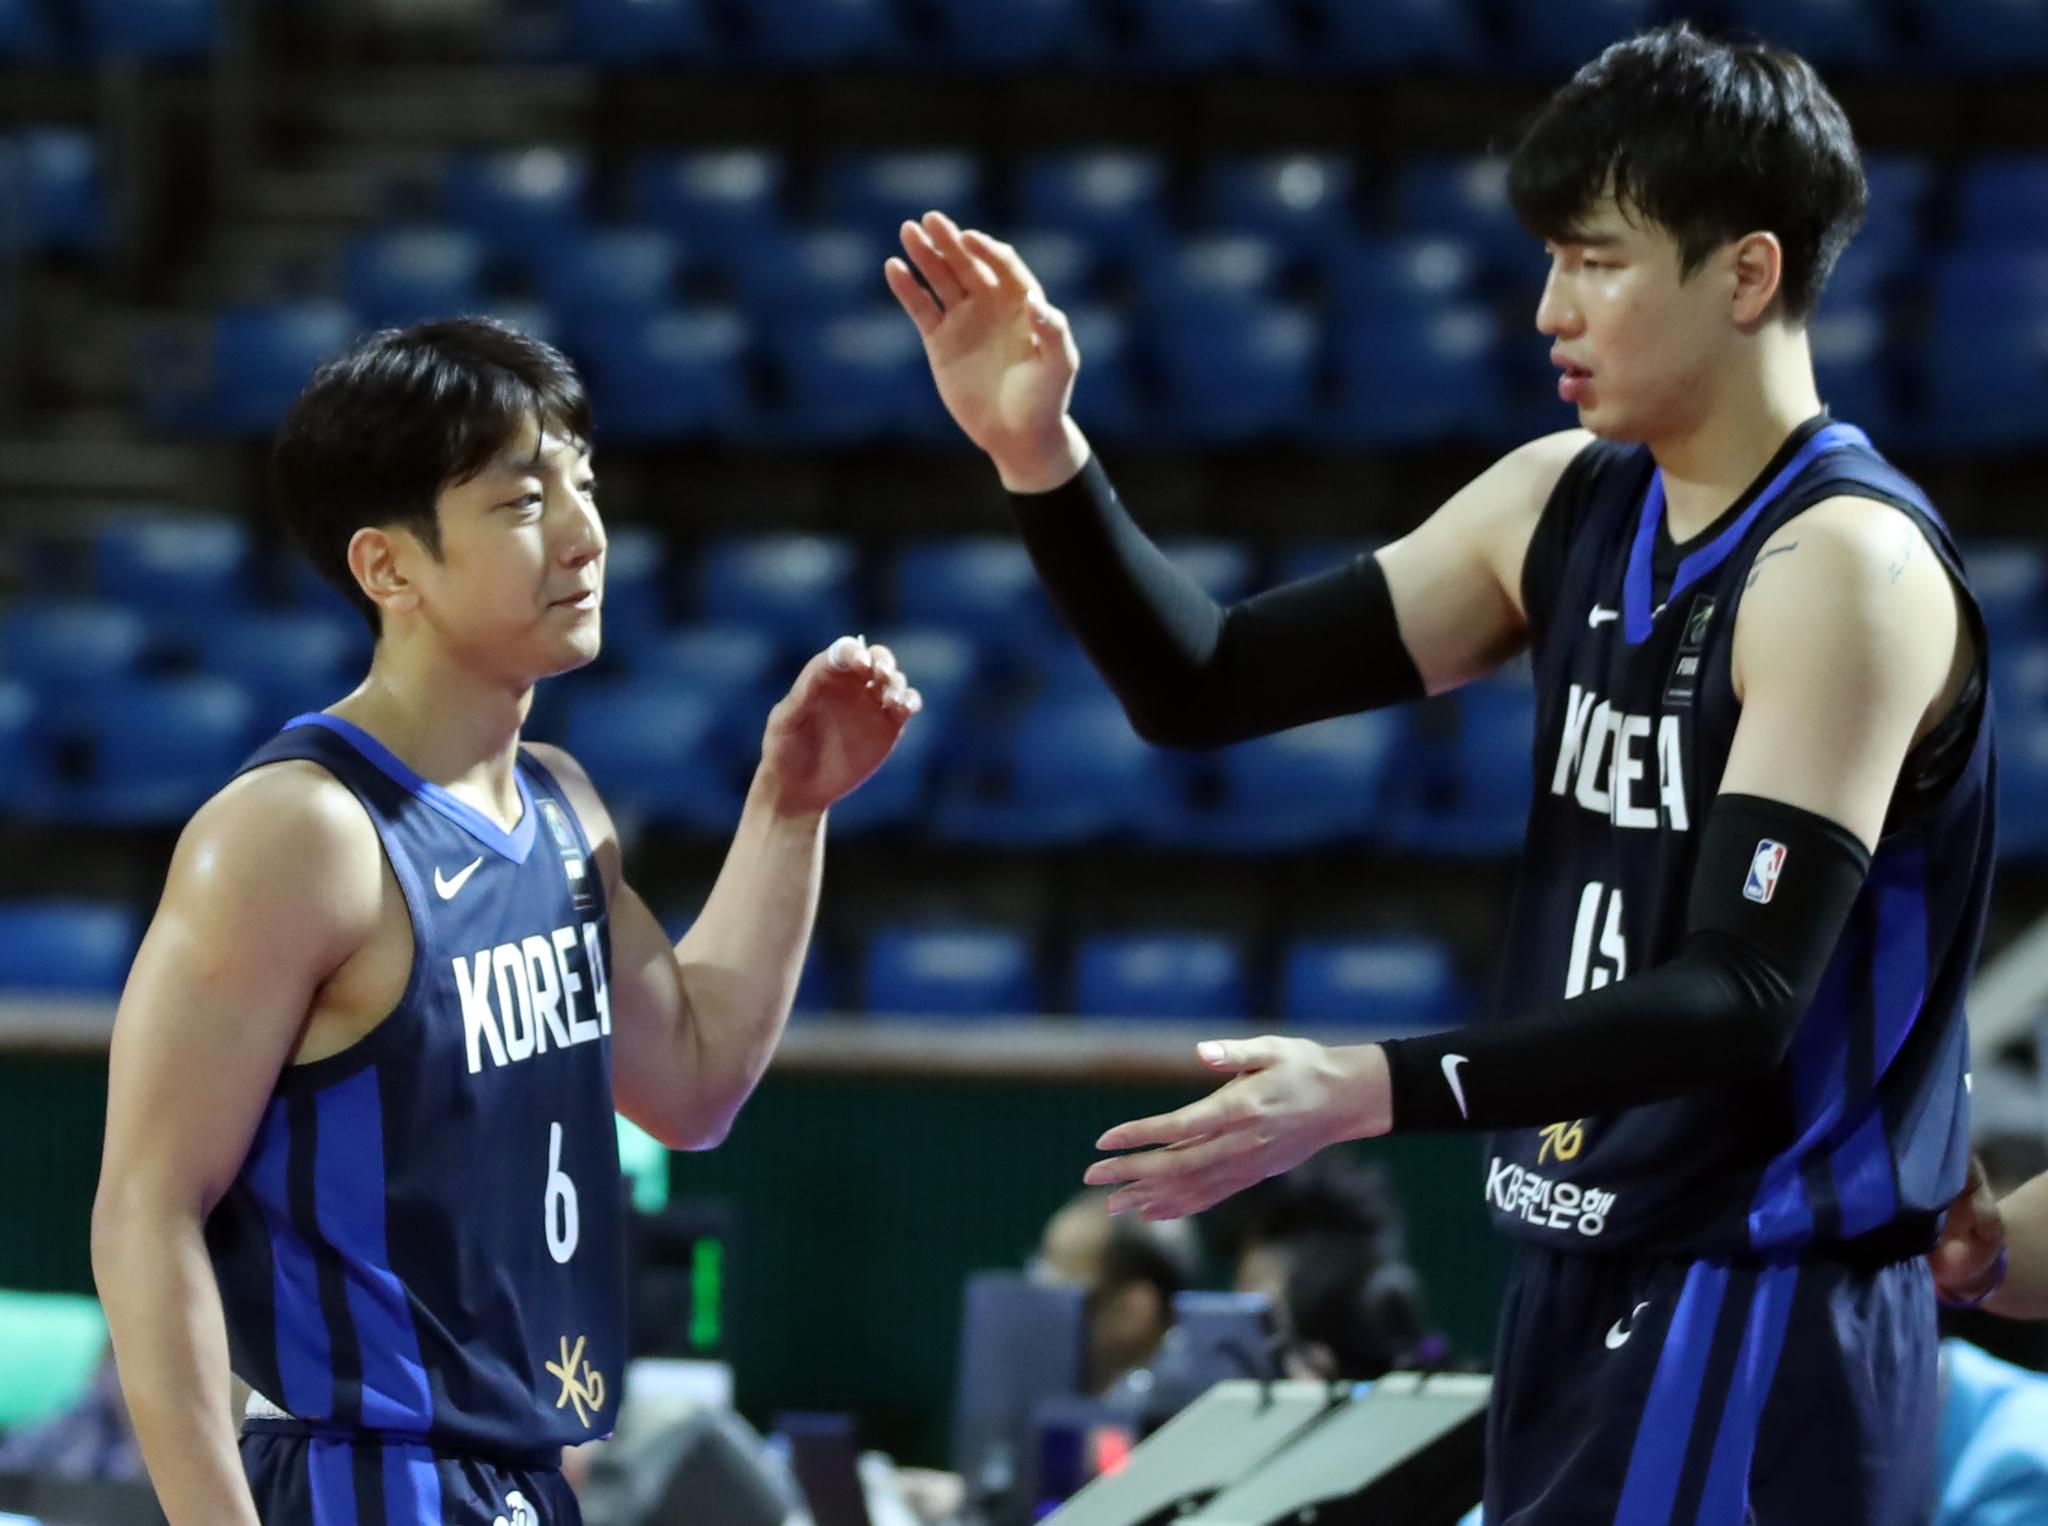 지난 2월23일 농구 아시아컵 예선 태국전에서 허훈(왼쪽)과 김종규(오른쪽)가 하이파이브를 하고 있다. [연합뉴스]